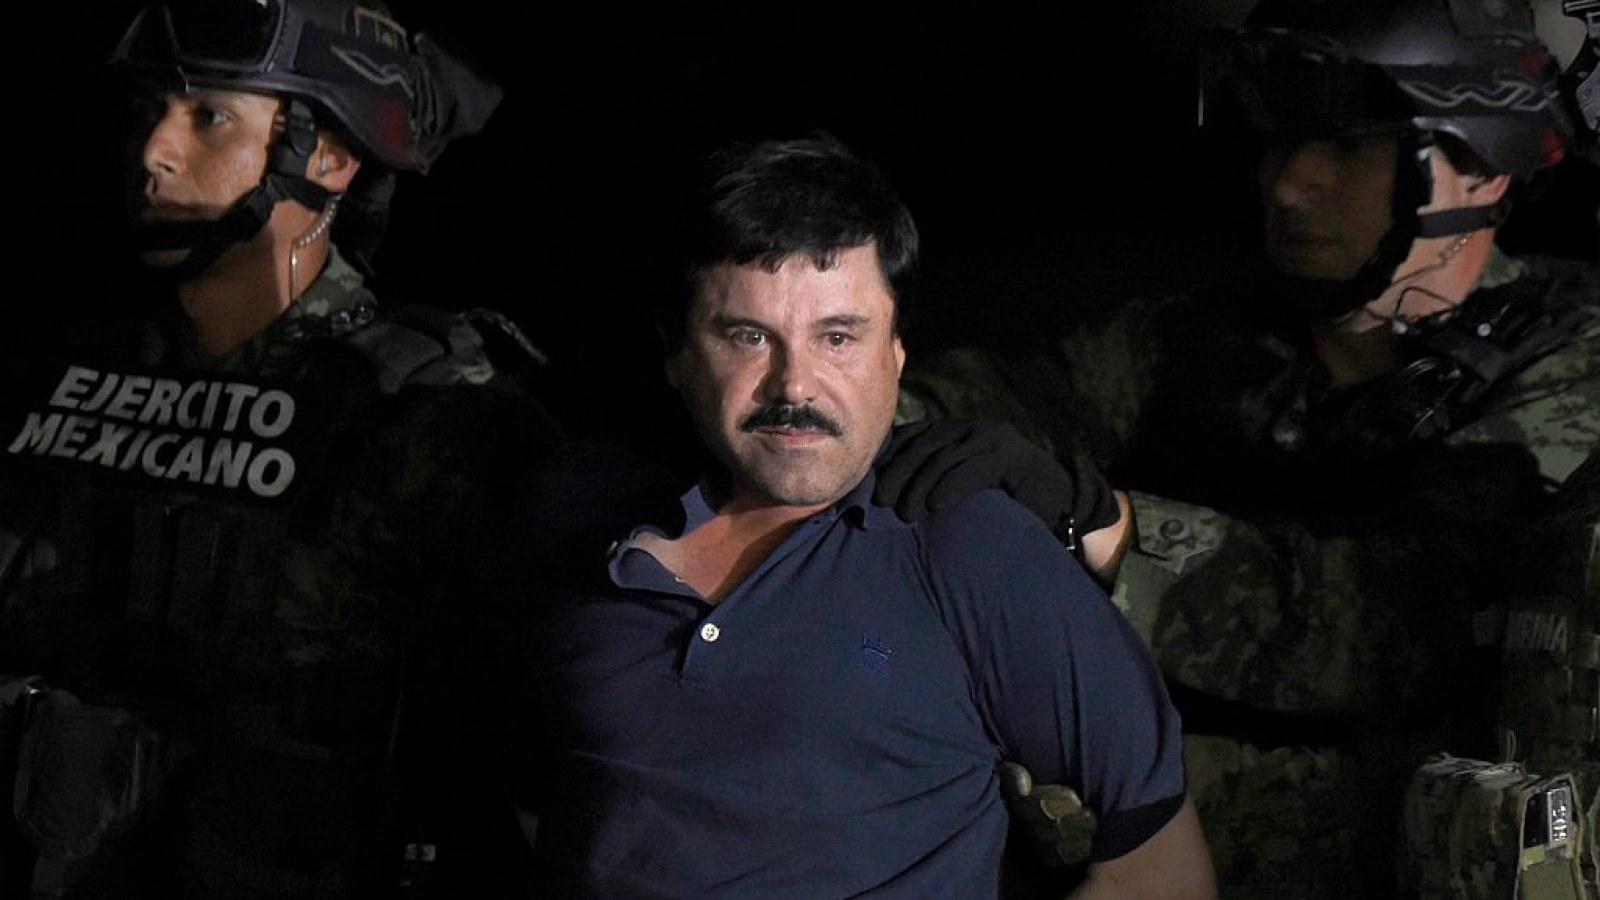 El Chapo Sentencing, Trial Verdict: Drug Kingpin Found Guilty